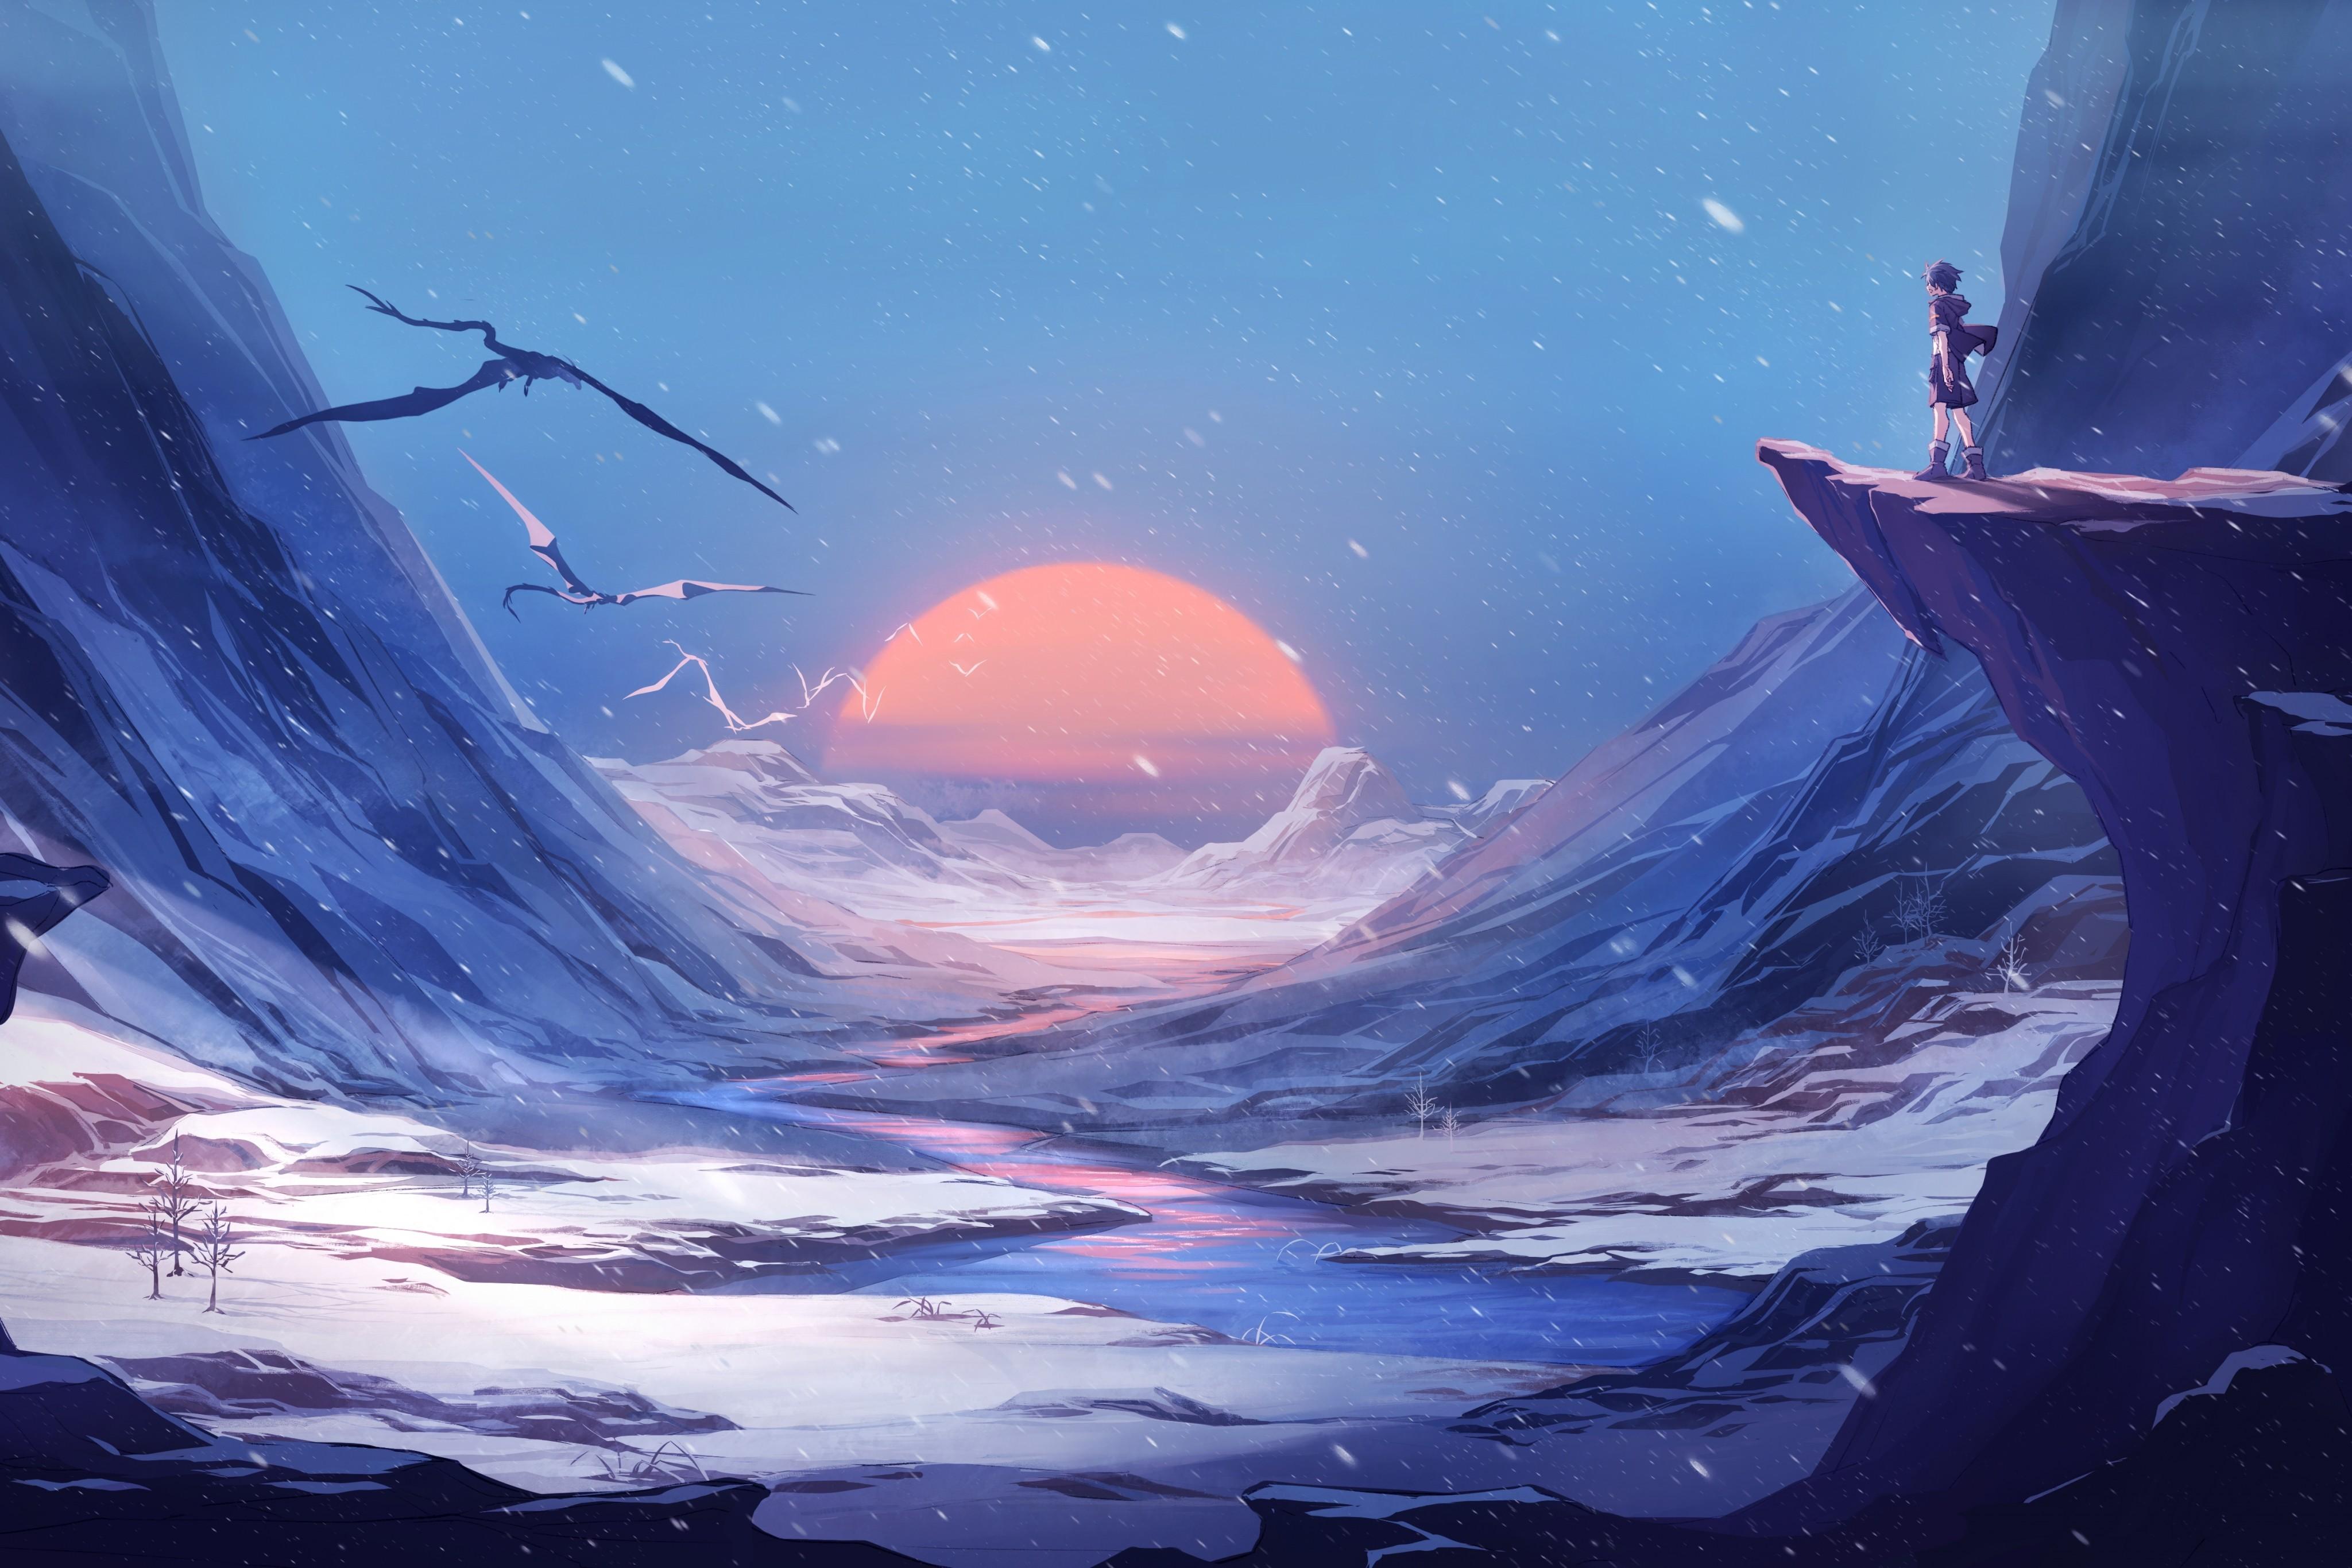 Dragon Winter Snow Anime Manga 4k, HD Anime, 4k Wallpapers ...